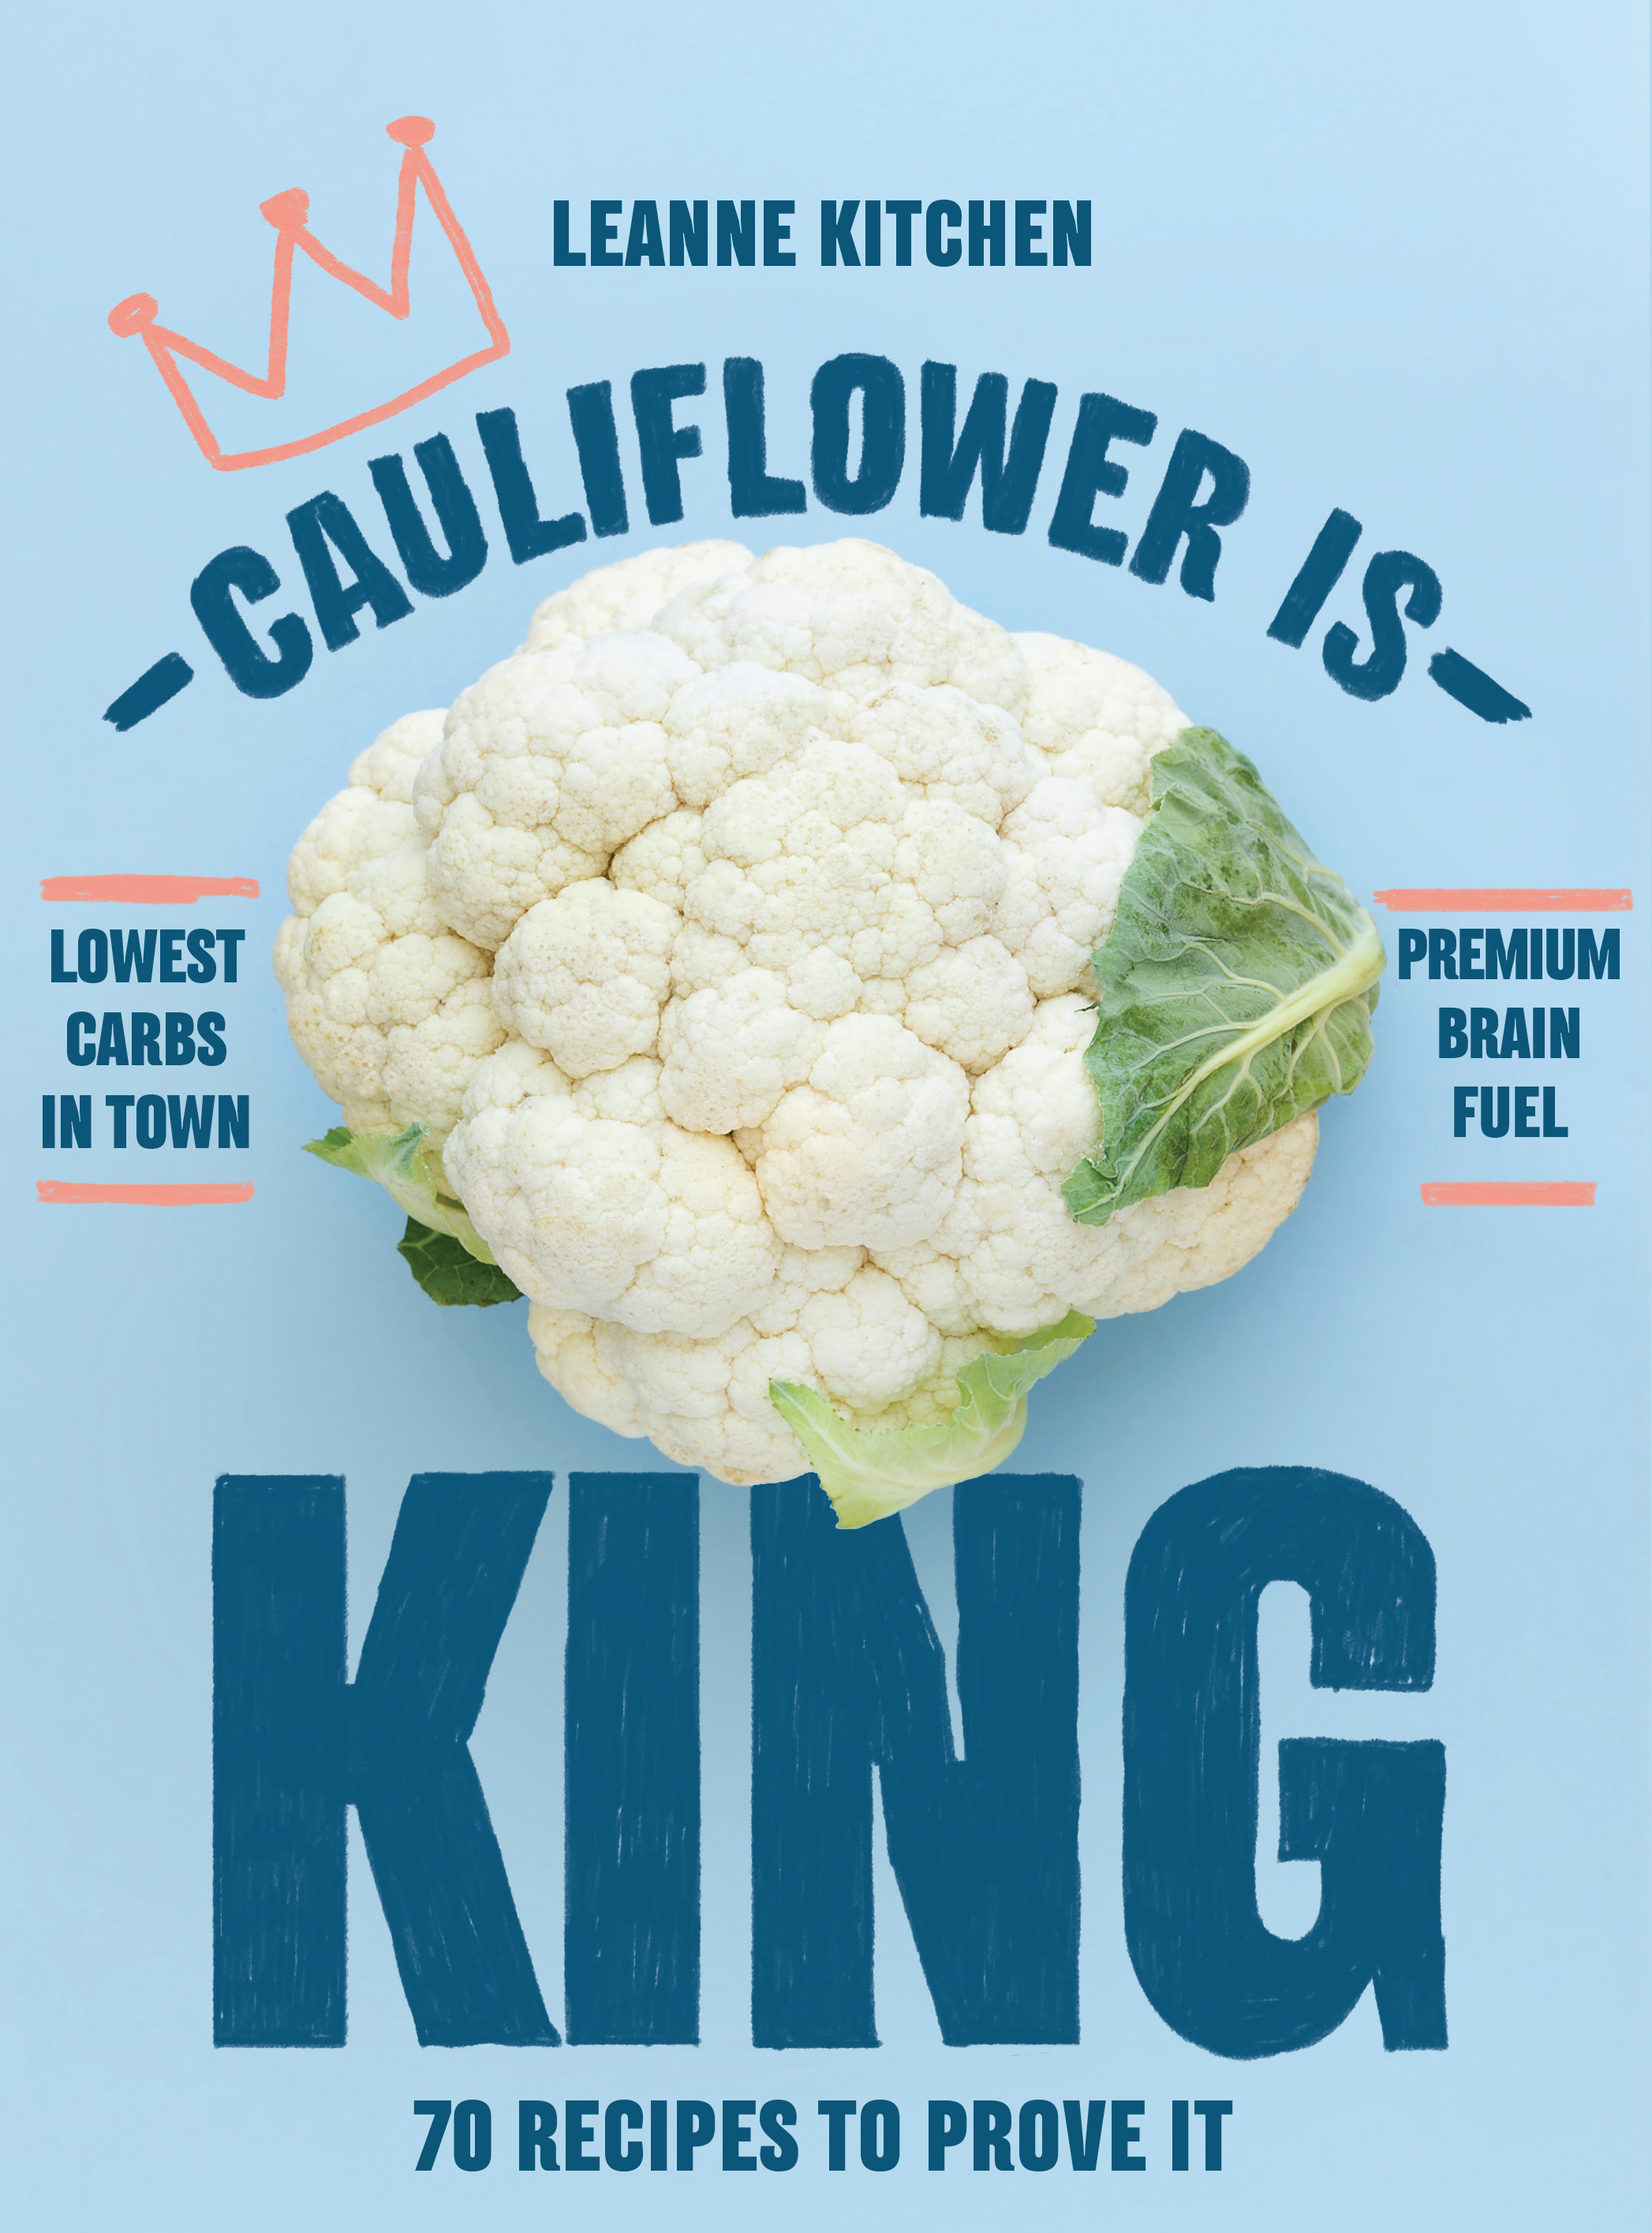 Cauliflower is King - Leanne Kitchen - 9781760523602 - Murdoch books